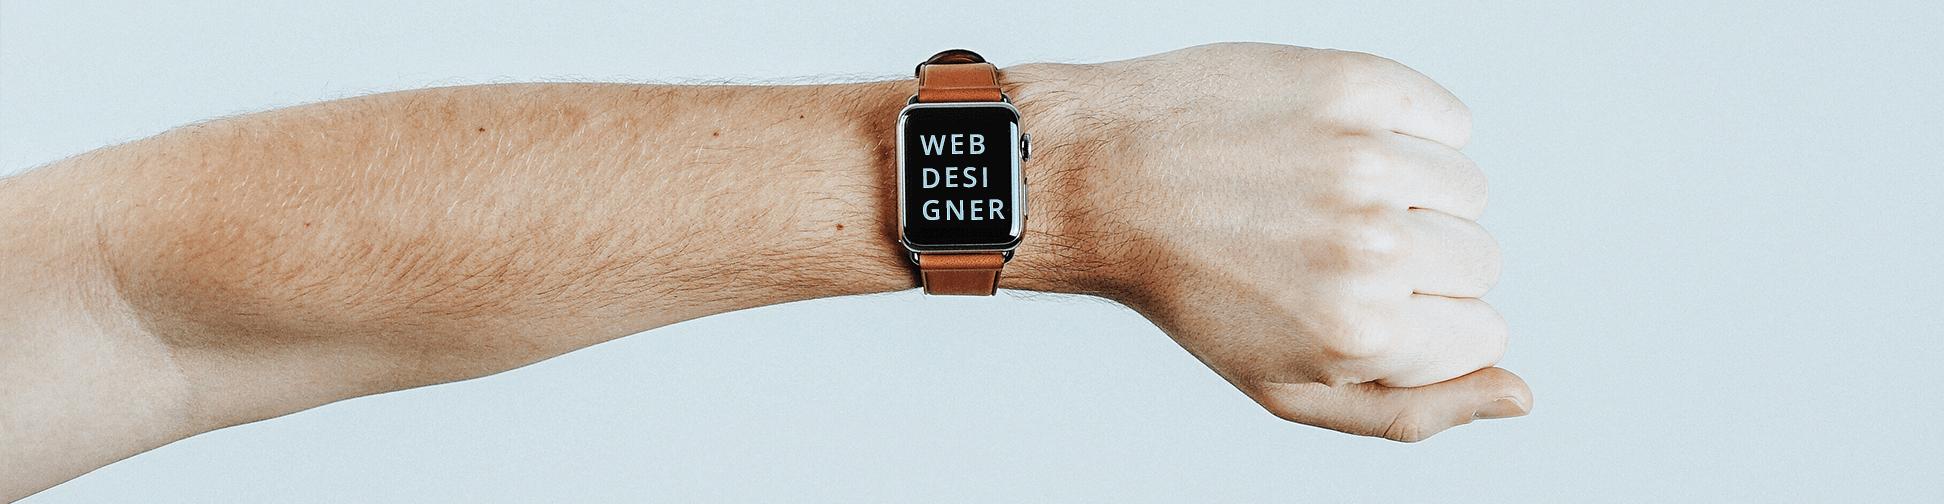 webdesigner-krisch-min